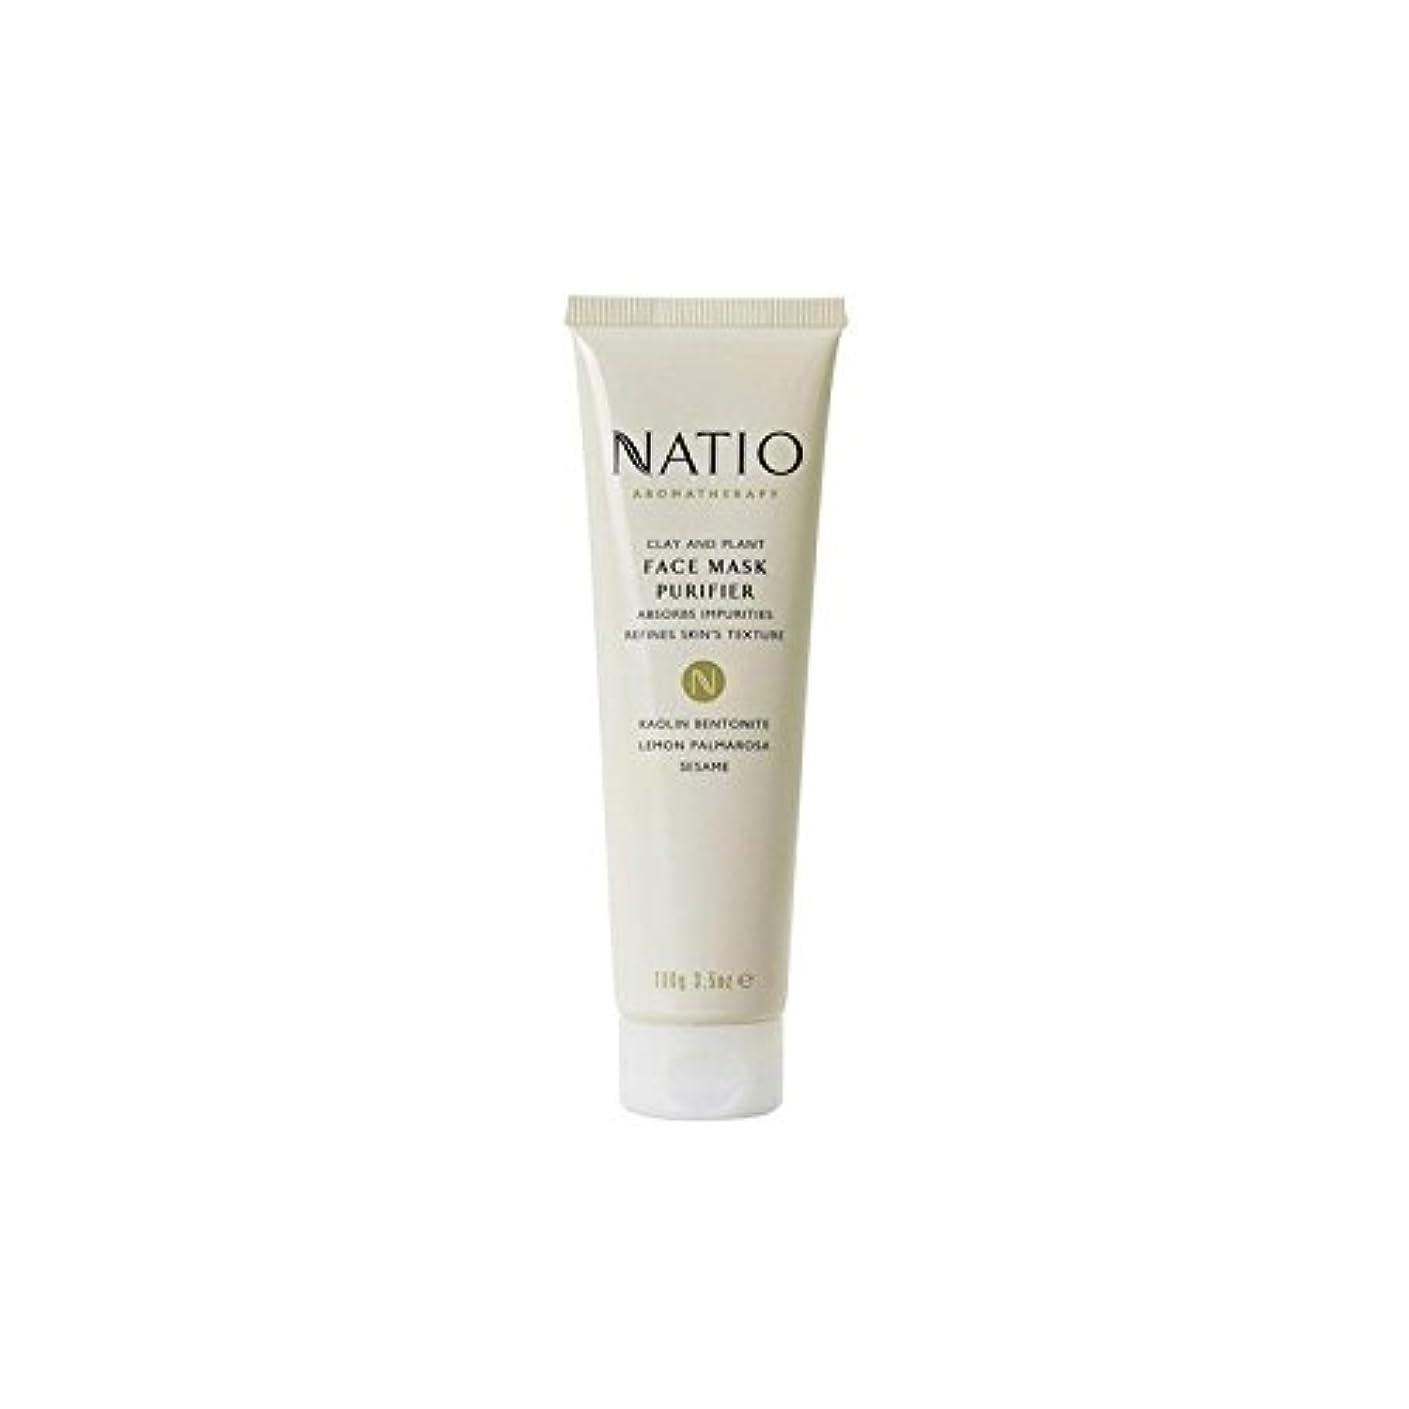 ポスターモスク道徳教育粘土&植物フェイスマスクの浄化(100グラム) x2 - Natio Clay & Plant Face Mask Purifier (100G) (Pack of 2) [並行輸入品]